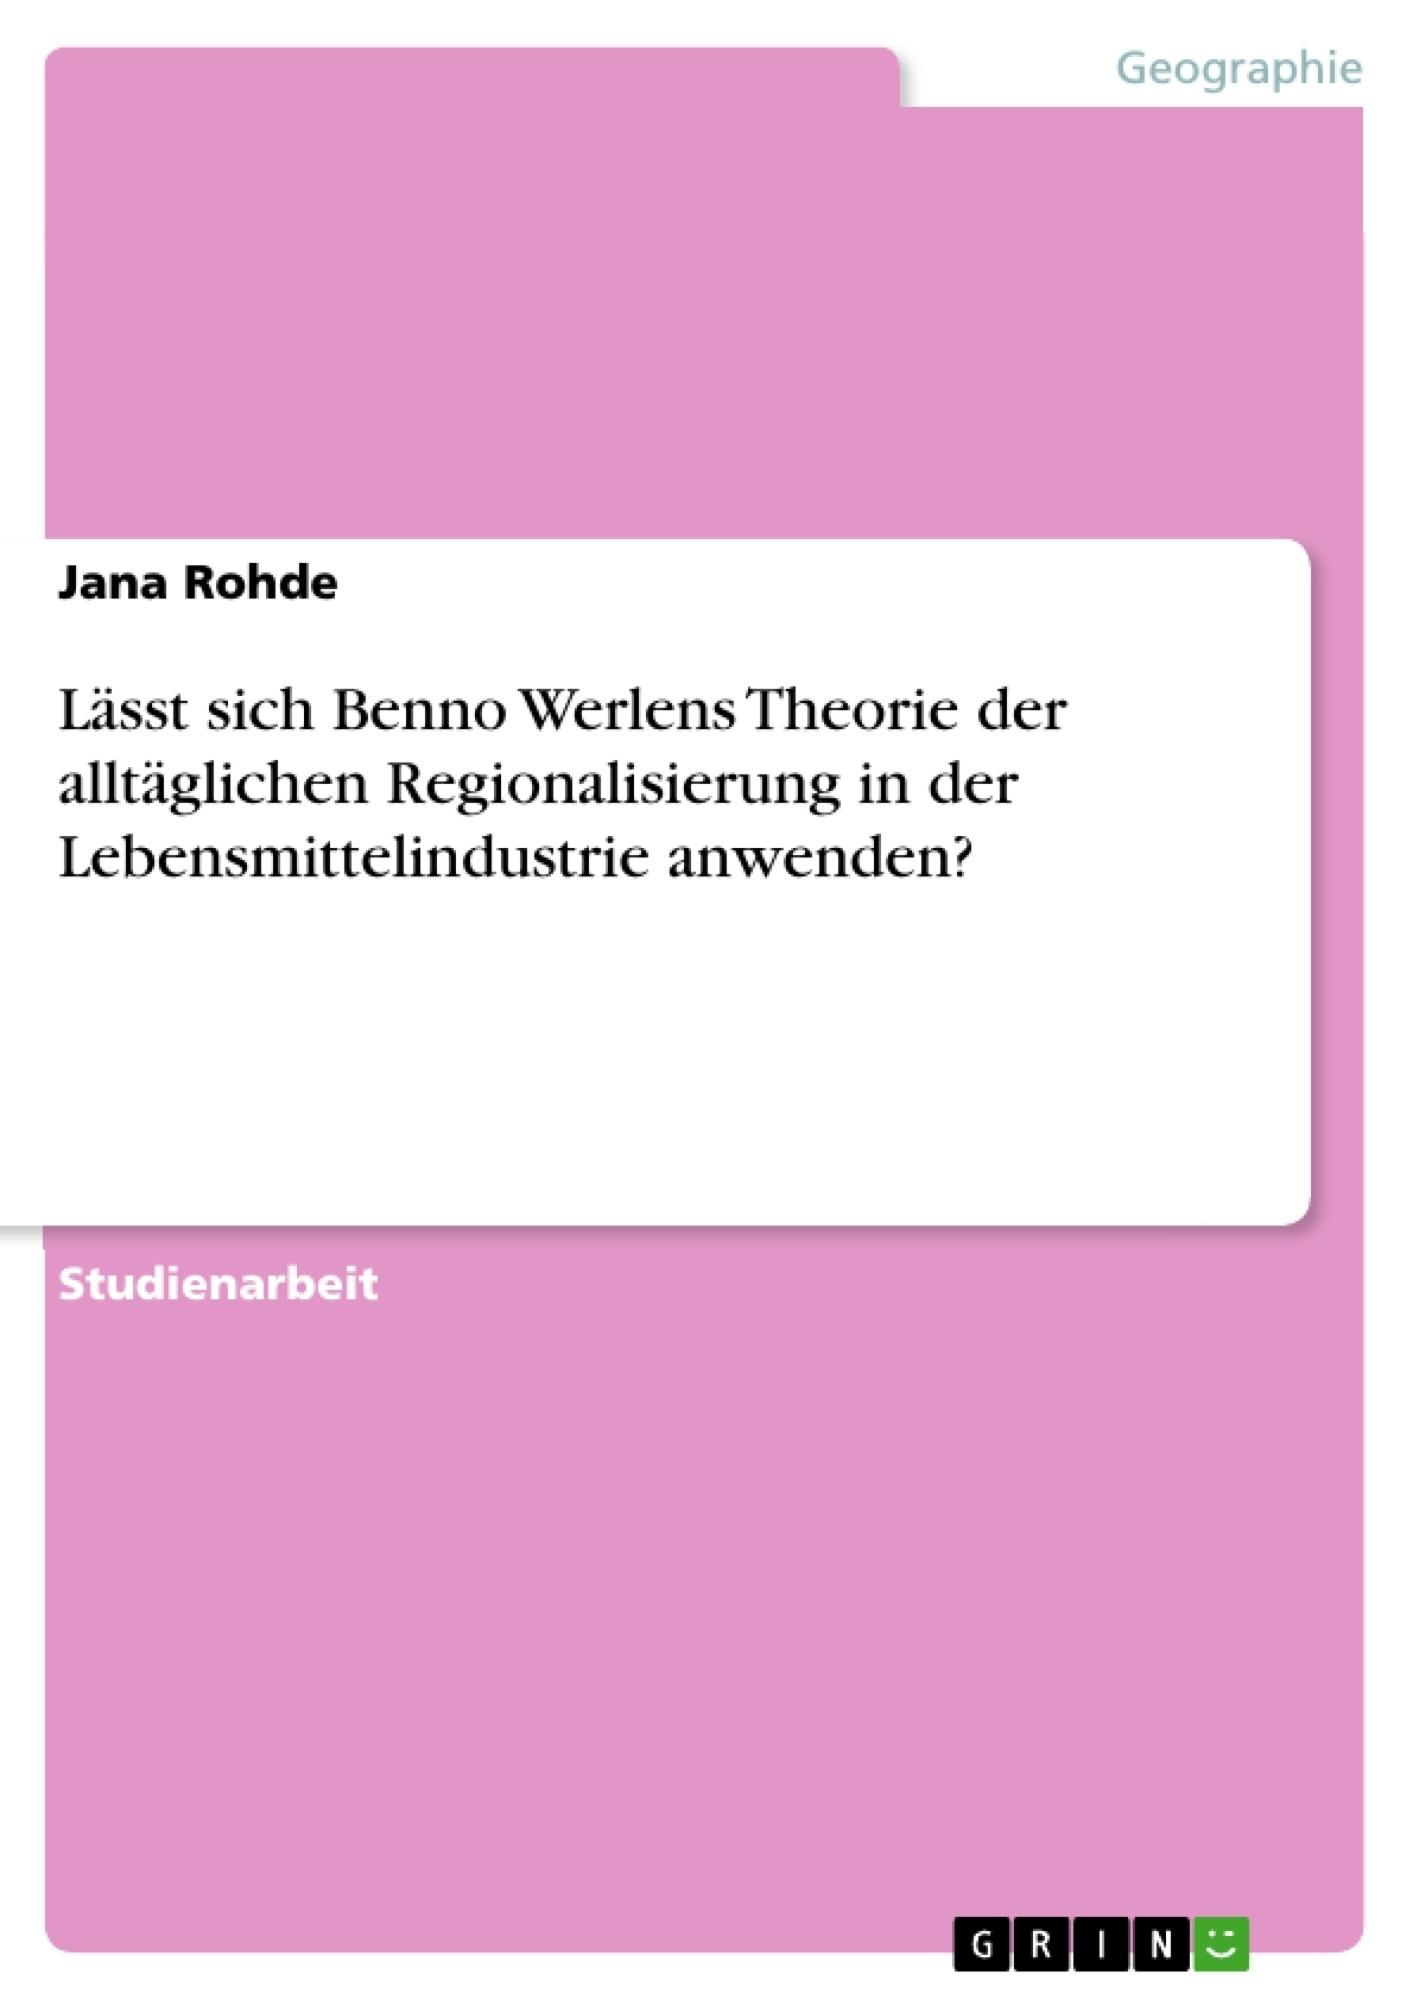 Titel: Lässt sich Benno Werlens Theorie der alltäglichen Regionalisierung in der Lebensmittelindustrie anwenden?